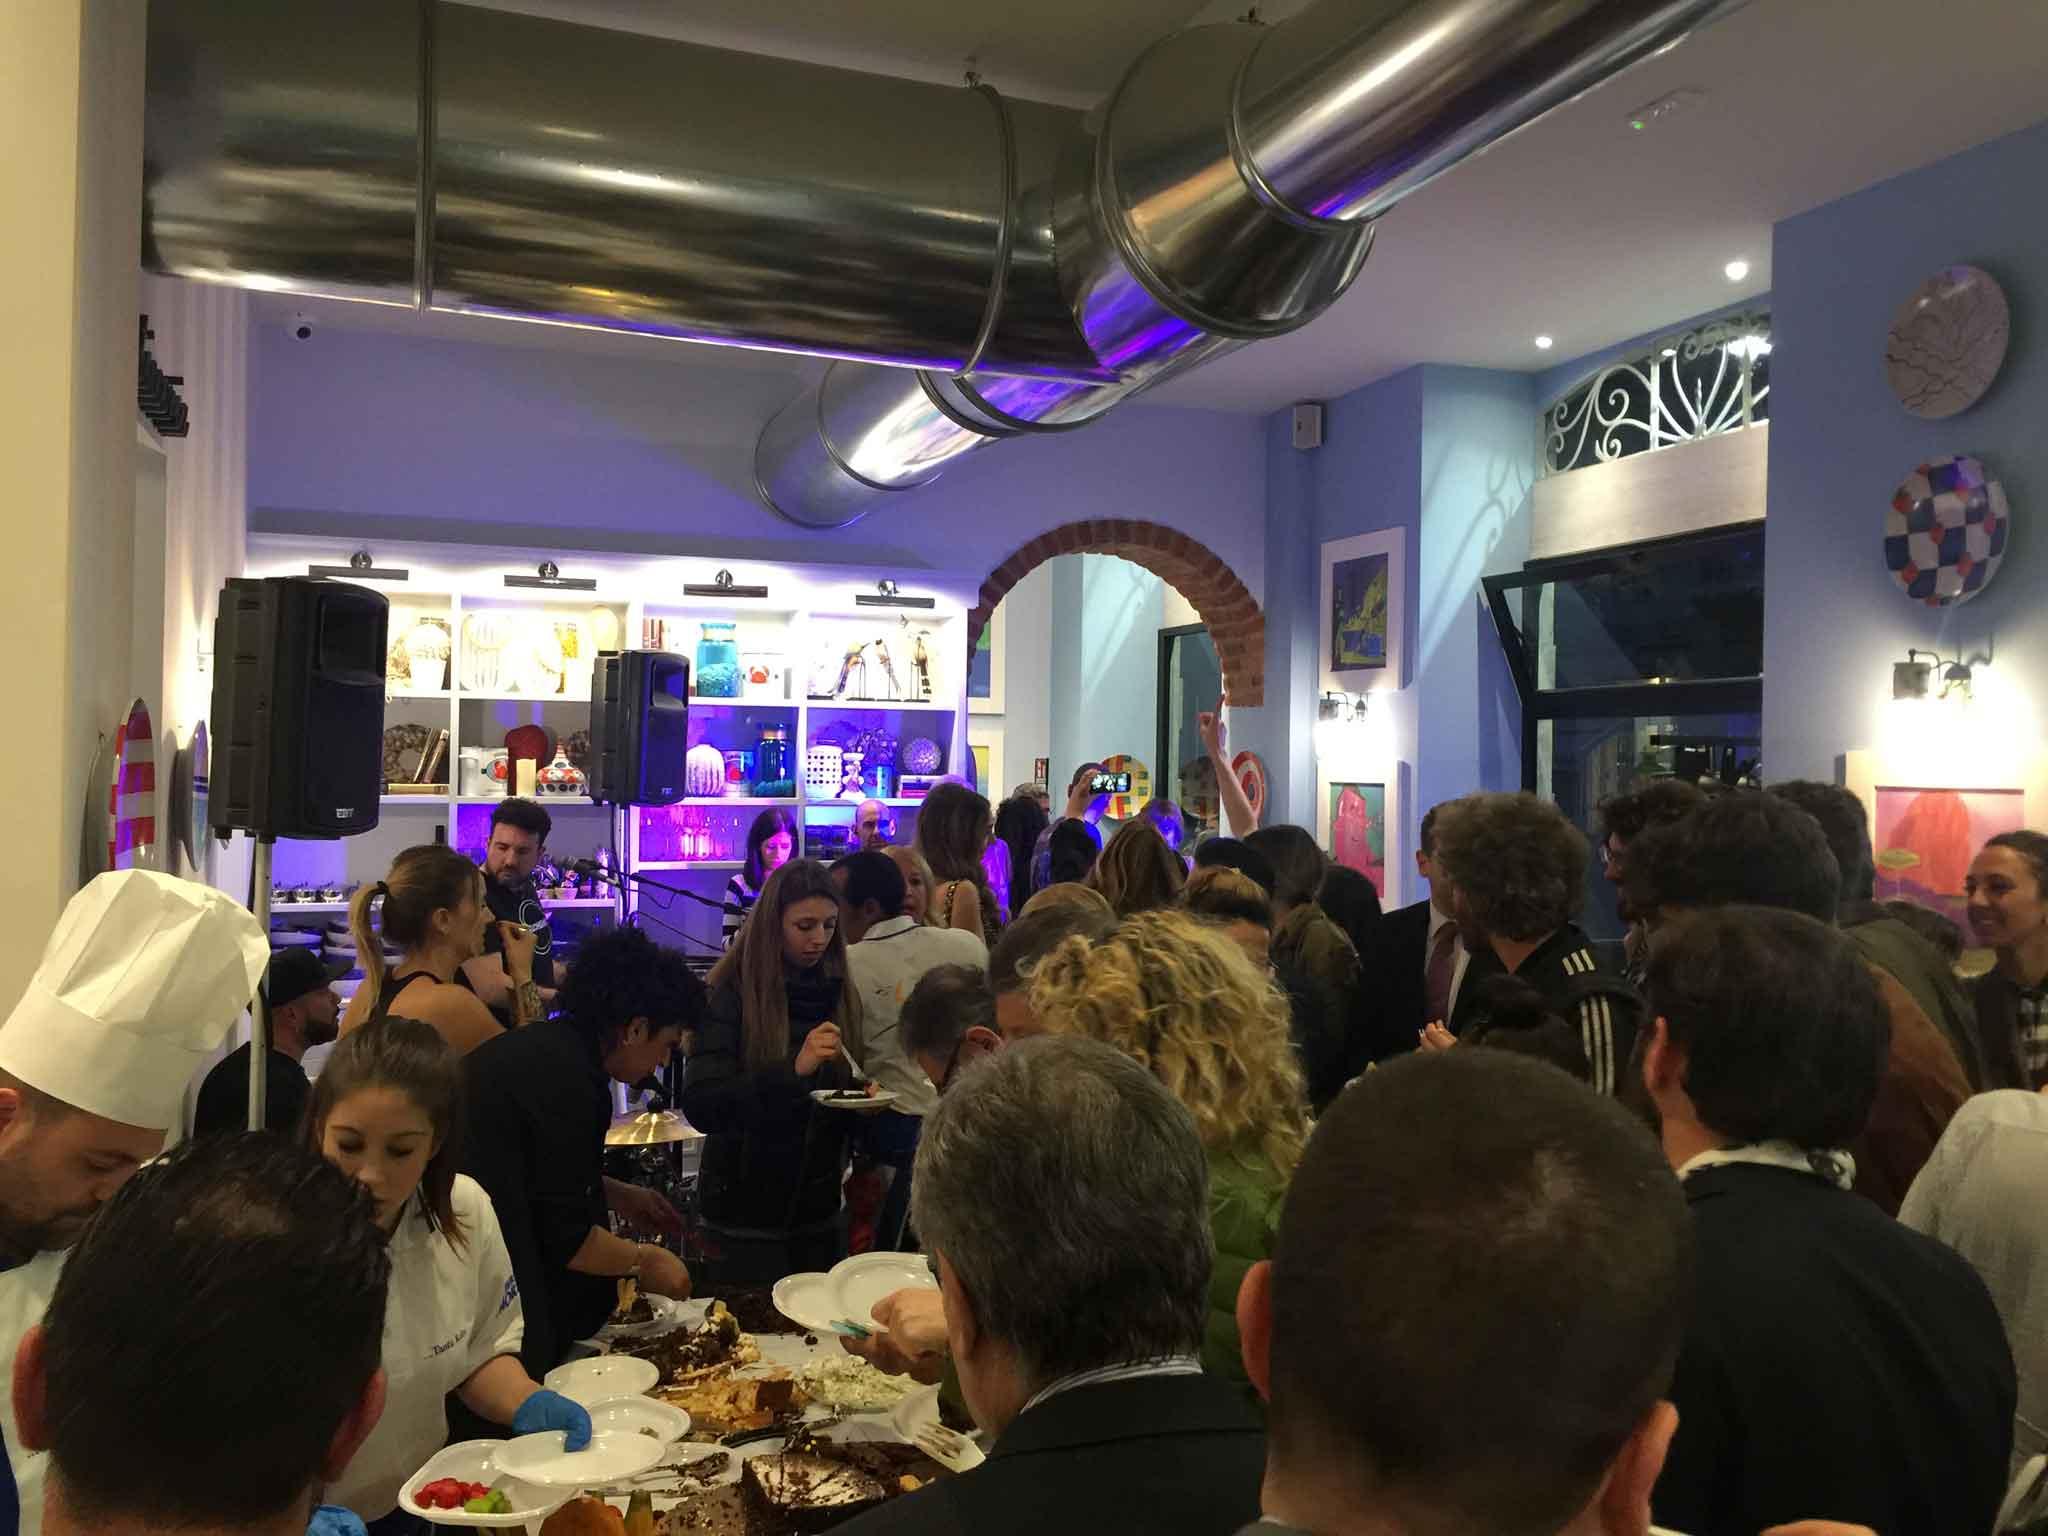 Milano La guida ai ristoranti e ai locali aperti e chiusi a Ferragosto